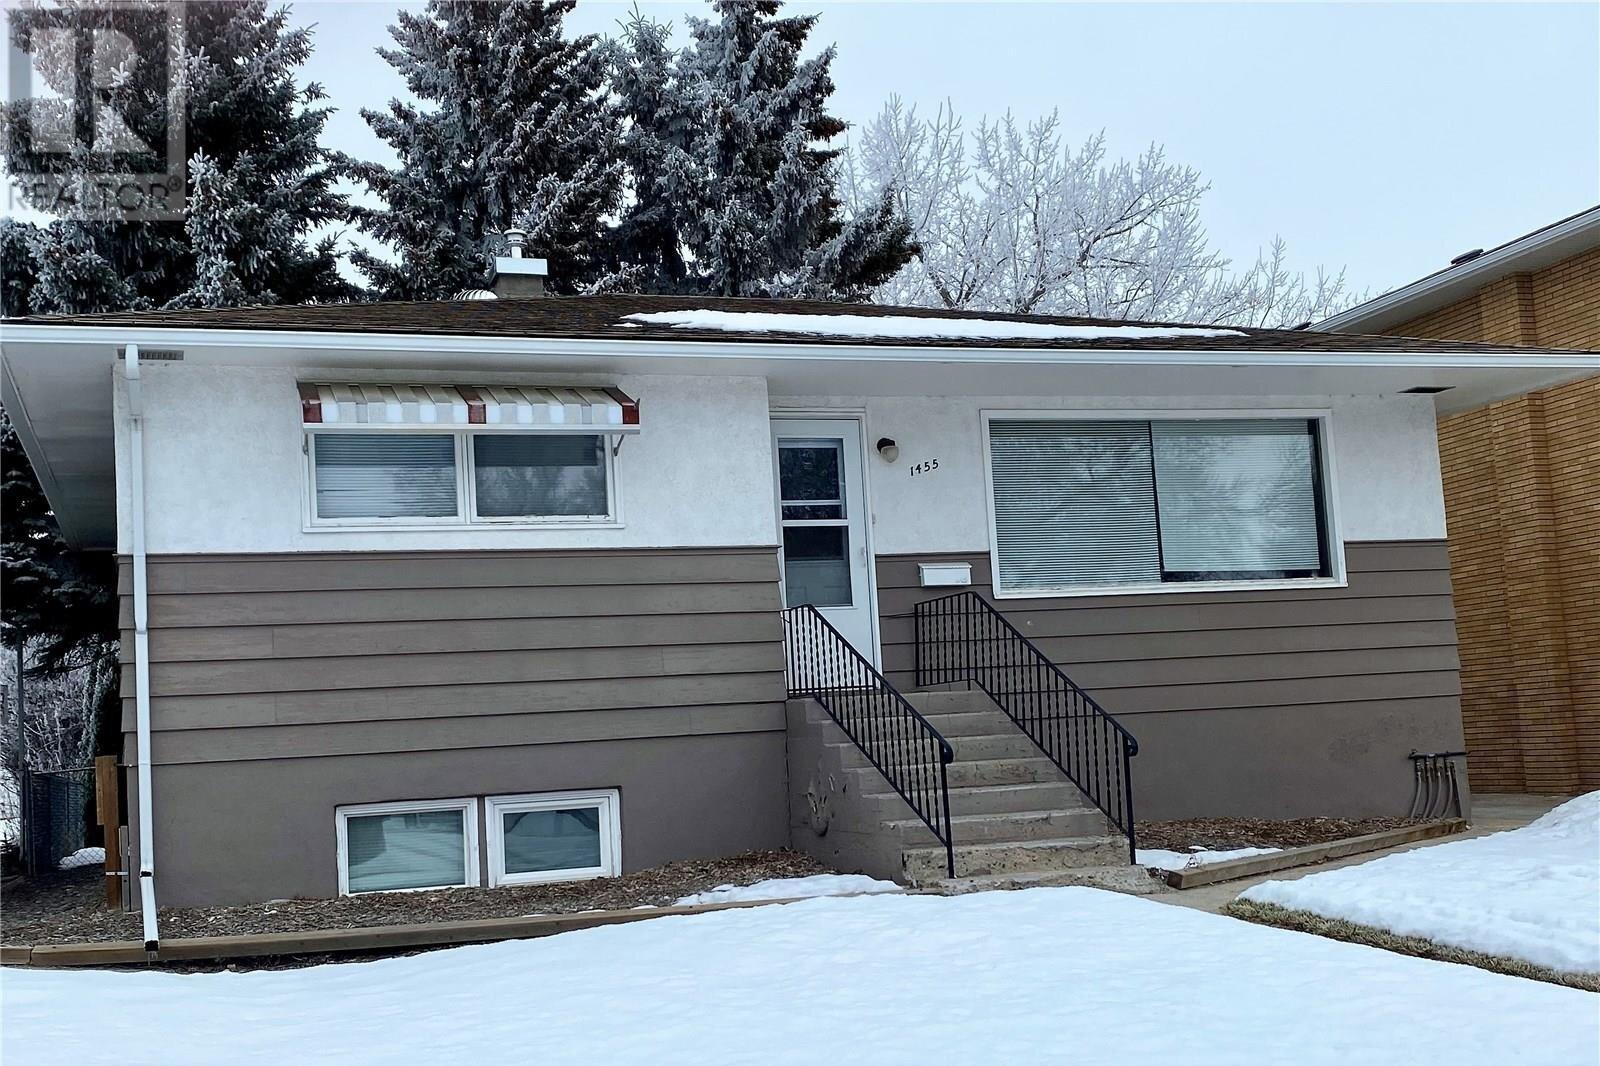 House for sale at 1455 Winnie St Swift Current Saskatchewan - MLS: SK837405